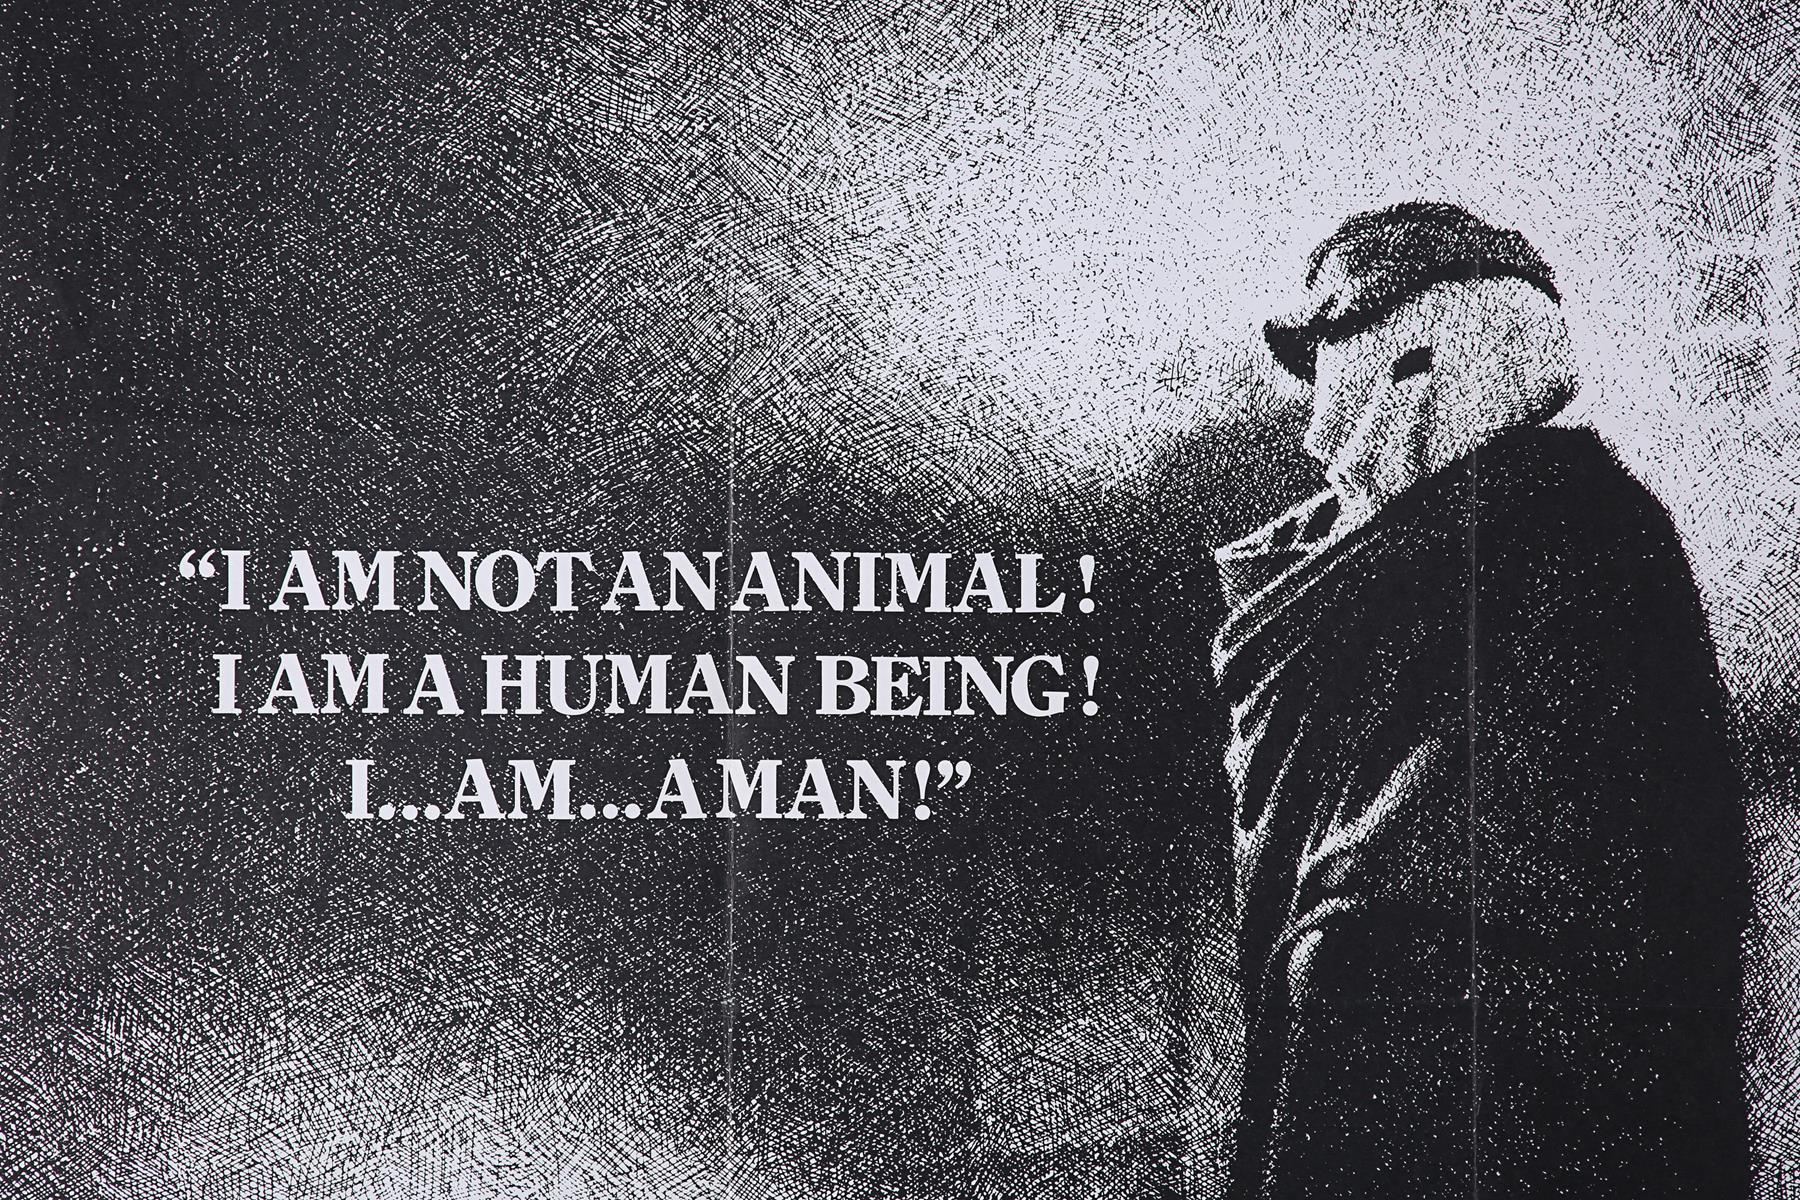 ELEPHANT MAN (1980) - UK Quad, 1980 - Image 4 of 5